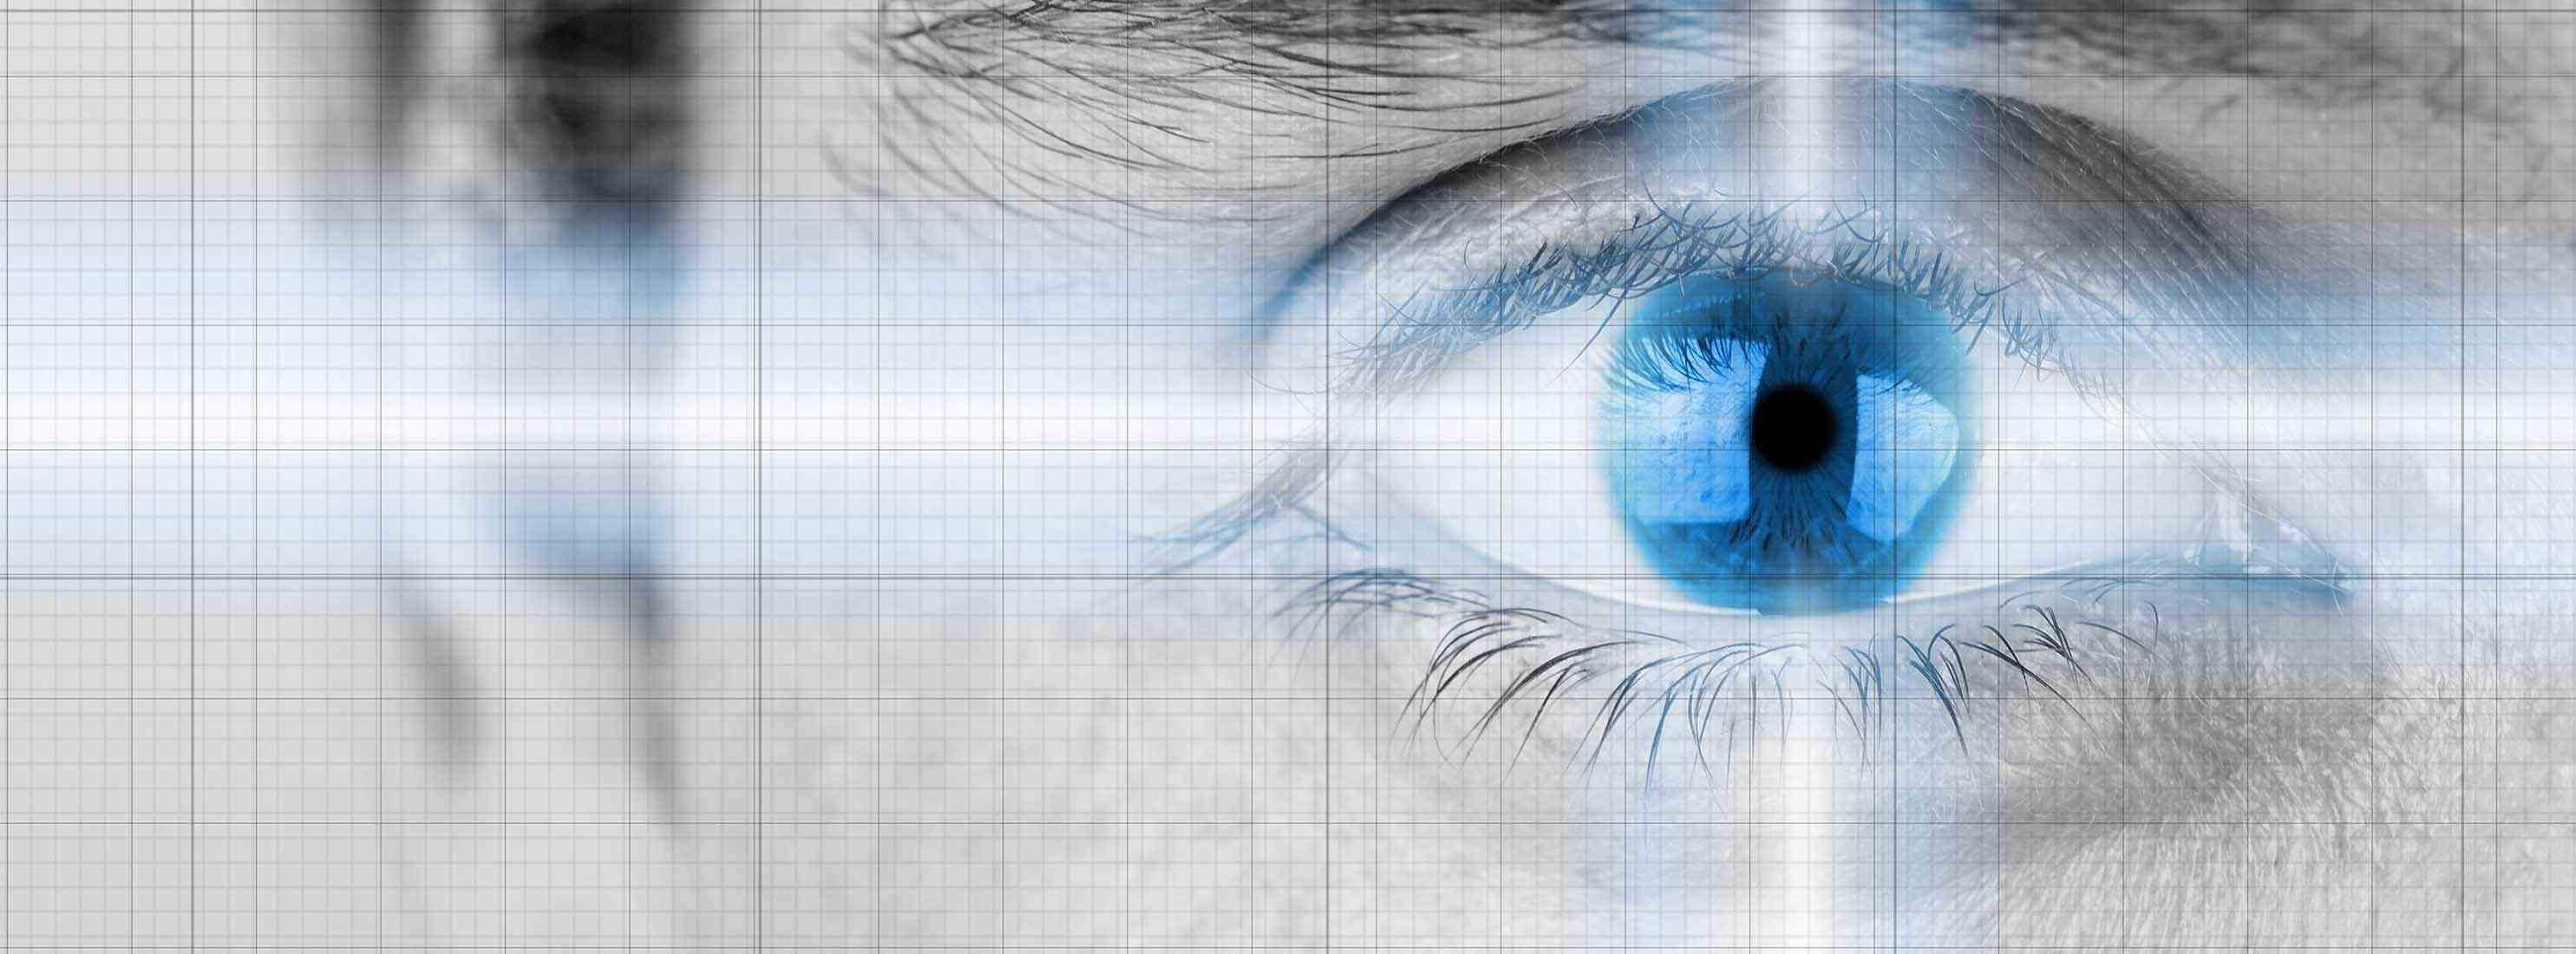 Seiko Progressive Lenses